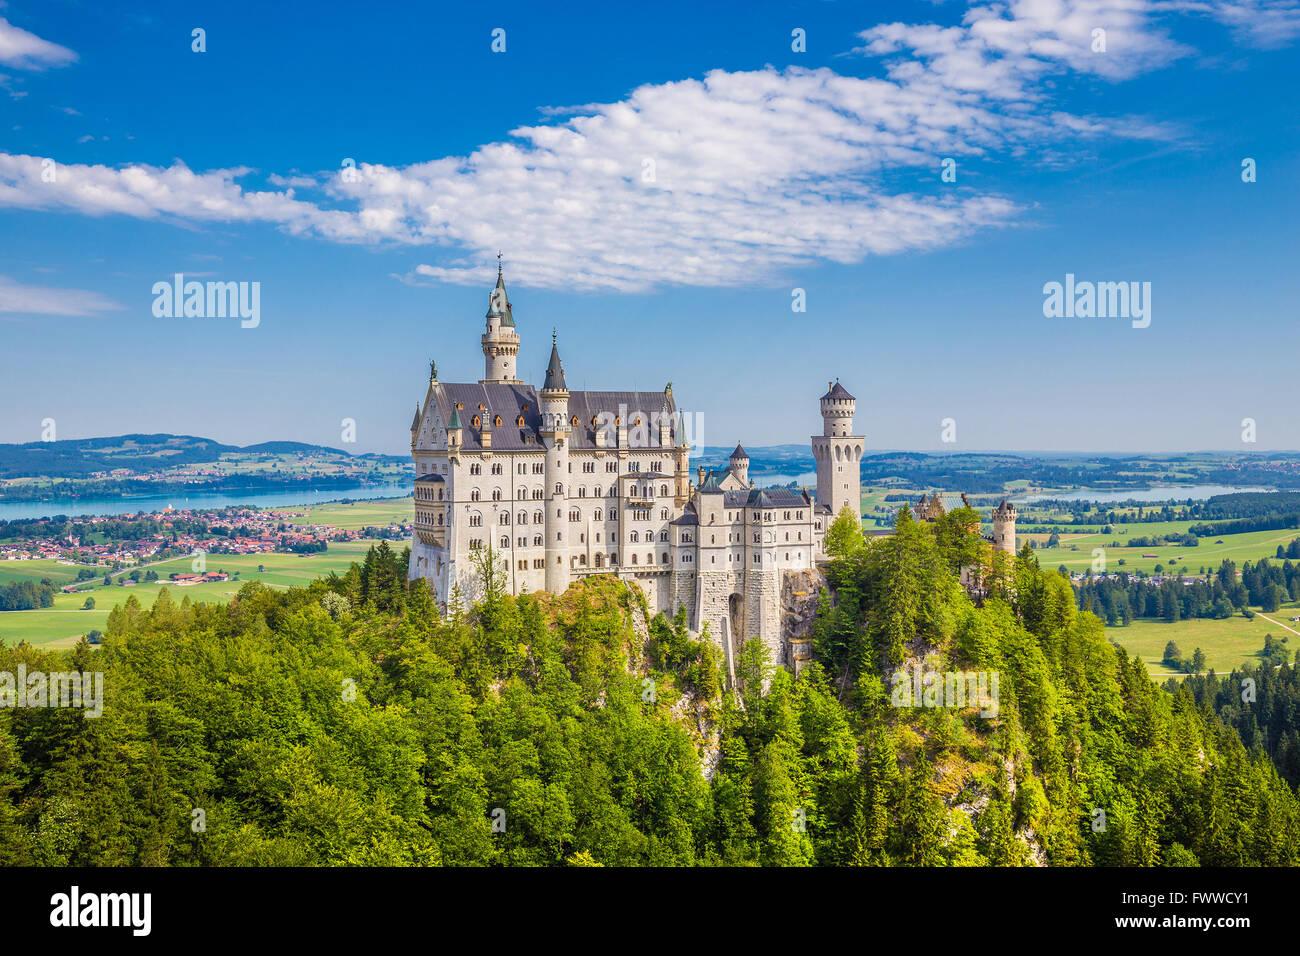 La vue classique du célèbre château de Neuschwanstein, en Bavière, Allemagne Photo Stock